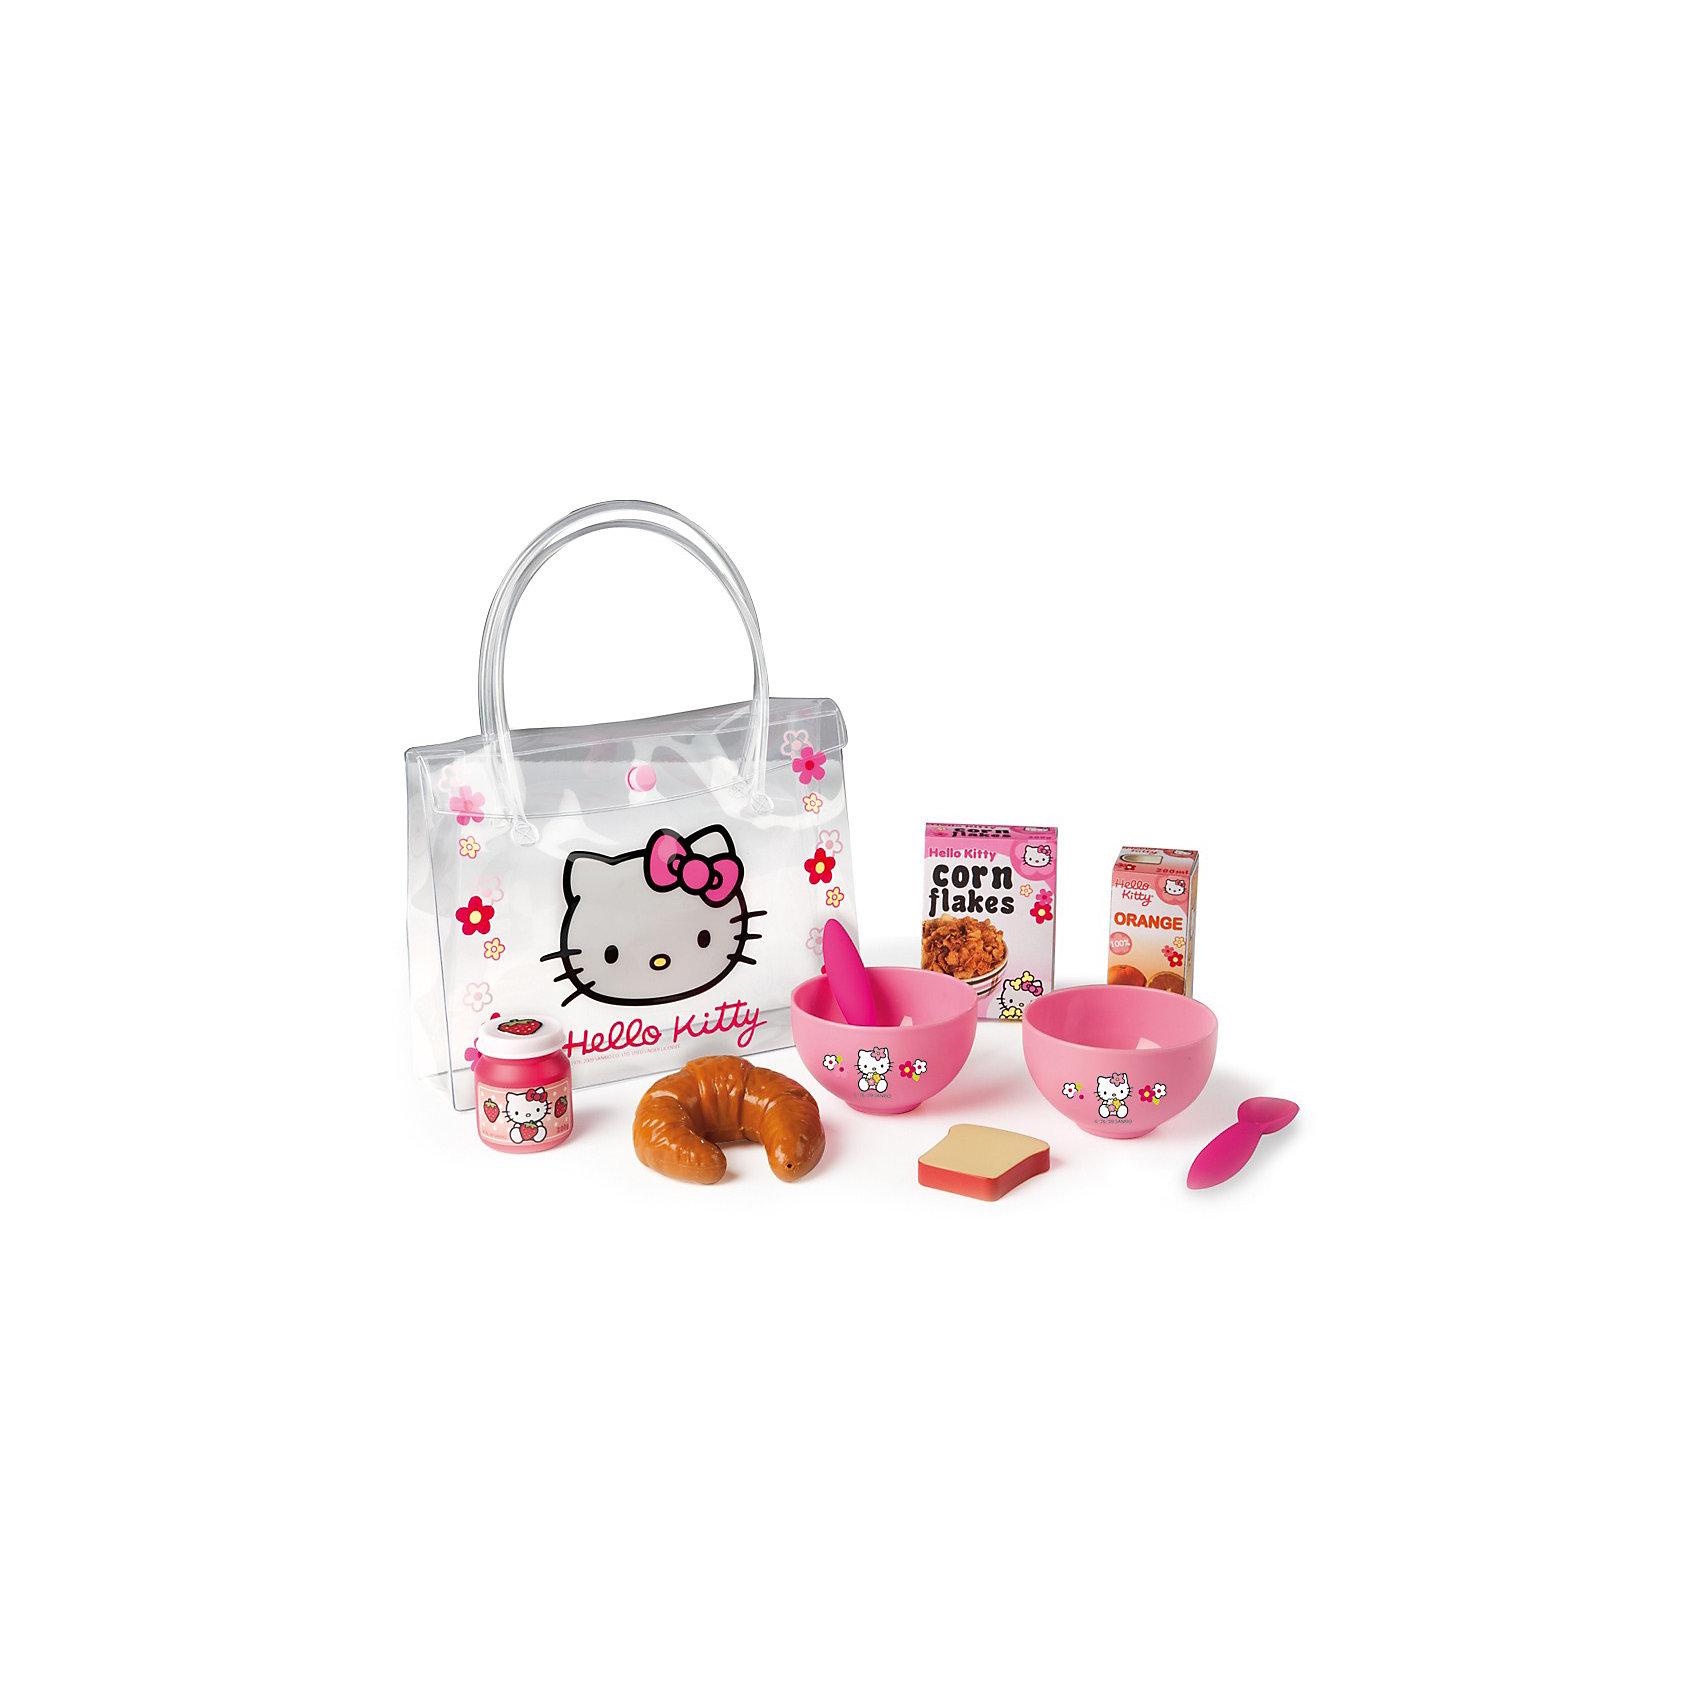 Smoby Набор для завтрака в сумочке Hello KittyПосуда и аксессуары для детской кухни<br>Smoby Набор для завтрака в сумочке Hello Kitty - милый набор для завтрака Hello Kitty в практичной сумочке.<br><br>Набор для завтрака в сумочке из серии Хелло Китти предназначен для маленьких девочек, которые хотят устроить веселый завтрак на свежем воздухе со своими куклами.  <br><br>Дополнительная информация:<br><br>- В комплект входят круасан, коробочка апельсинового сока, баночка с клубничным джемом, две пиалы, кусочек хлеба, две чайные ложечки, сумочка, коробочка хлопьев, сумочка. <br>- Размер: 21 * 5 * 16 см<br>- Материл: пластмасса.<br>- Возраст: от 3х лет.<br><br>Все, что нужно для вкусного завтрака!  <br>Набор развивает воображение и творческие способности ребенка.<br><br>Ширина мм: 210<br>Глубина мм: 170<br>Высота мм: 50<br>Вес г: 160<br>Возраст от месяцев: 36<br>Возраст до месяцев: 72<br>Пол: Женский<br>Возраст: Детский<br>SKU: 2073341